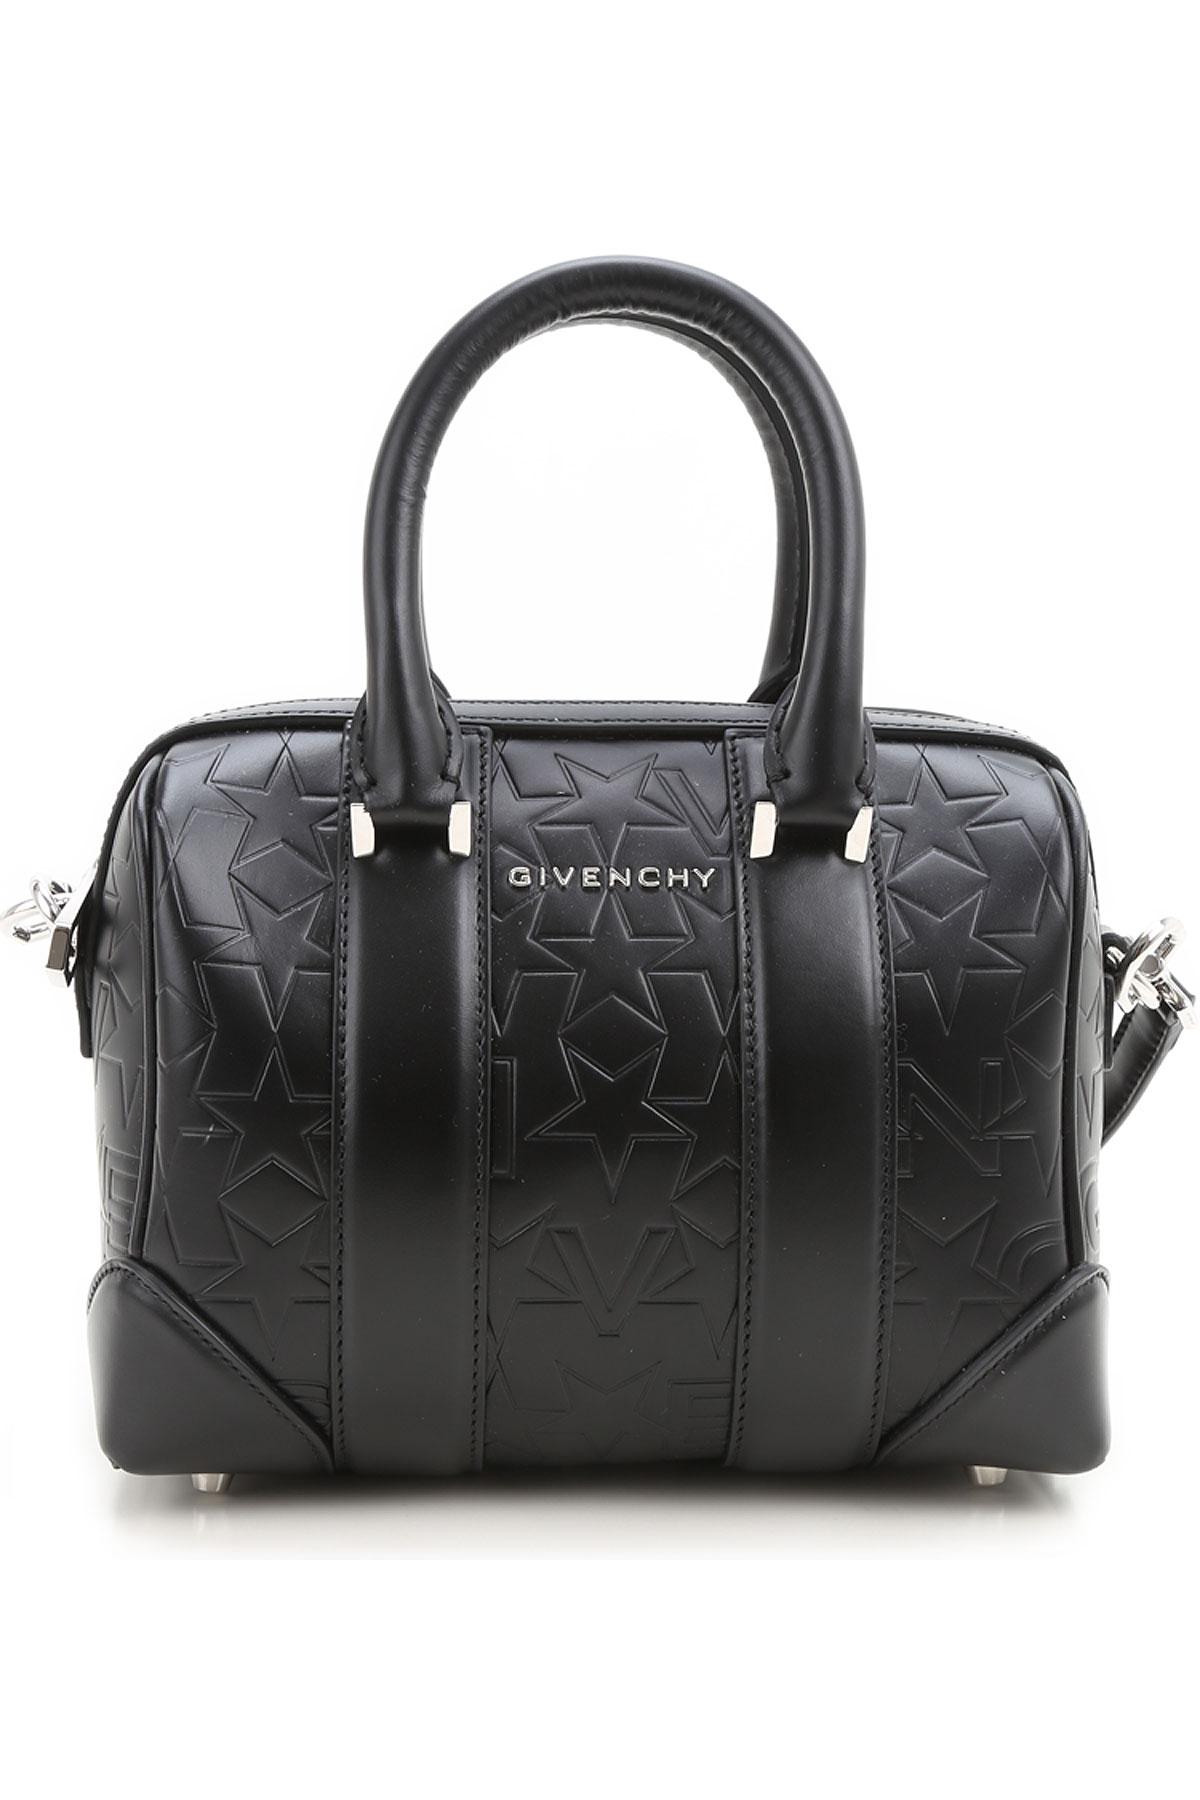 93ff4543085 Carteras De Givenchy